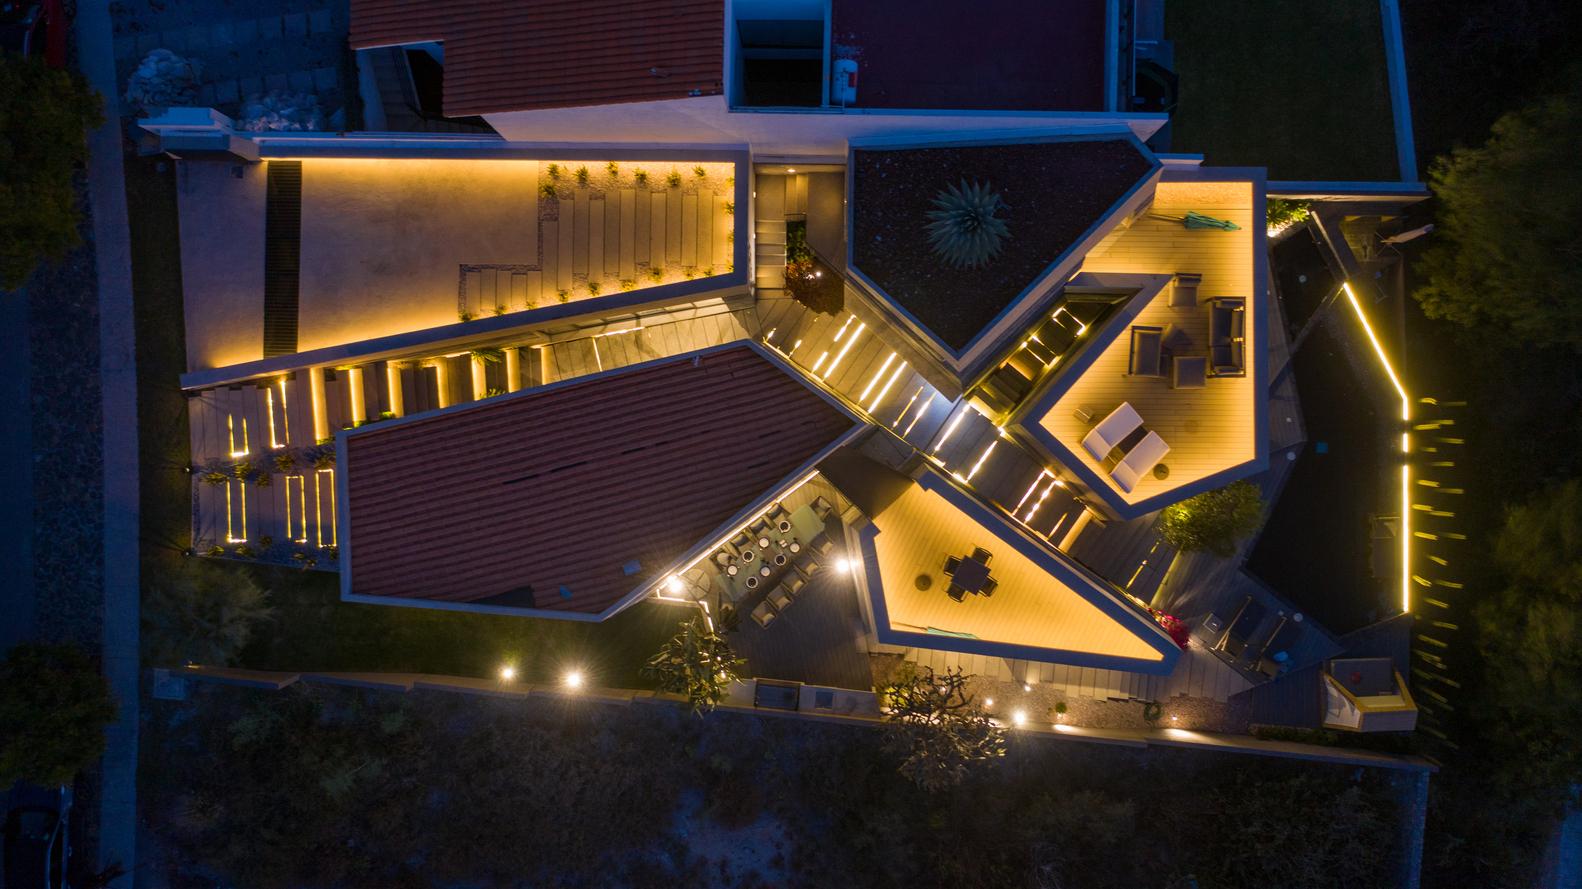 Amanali House